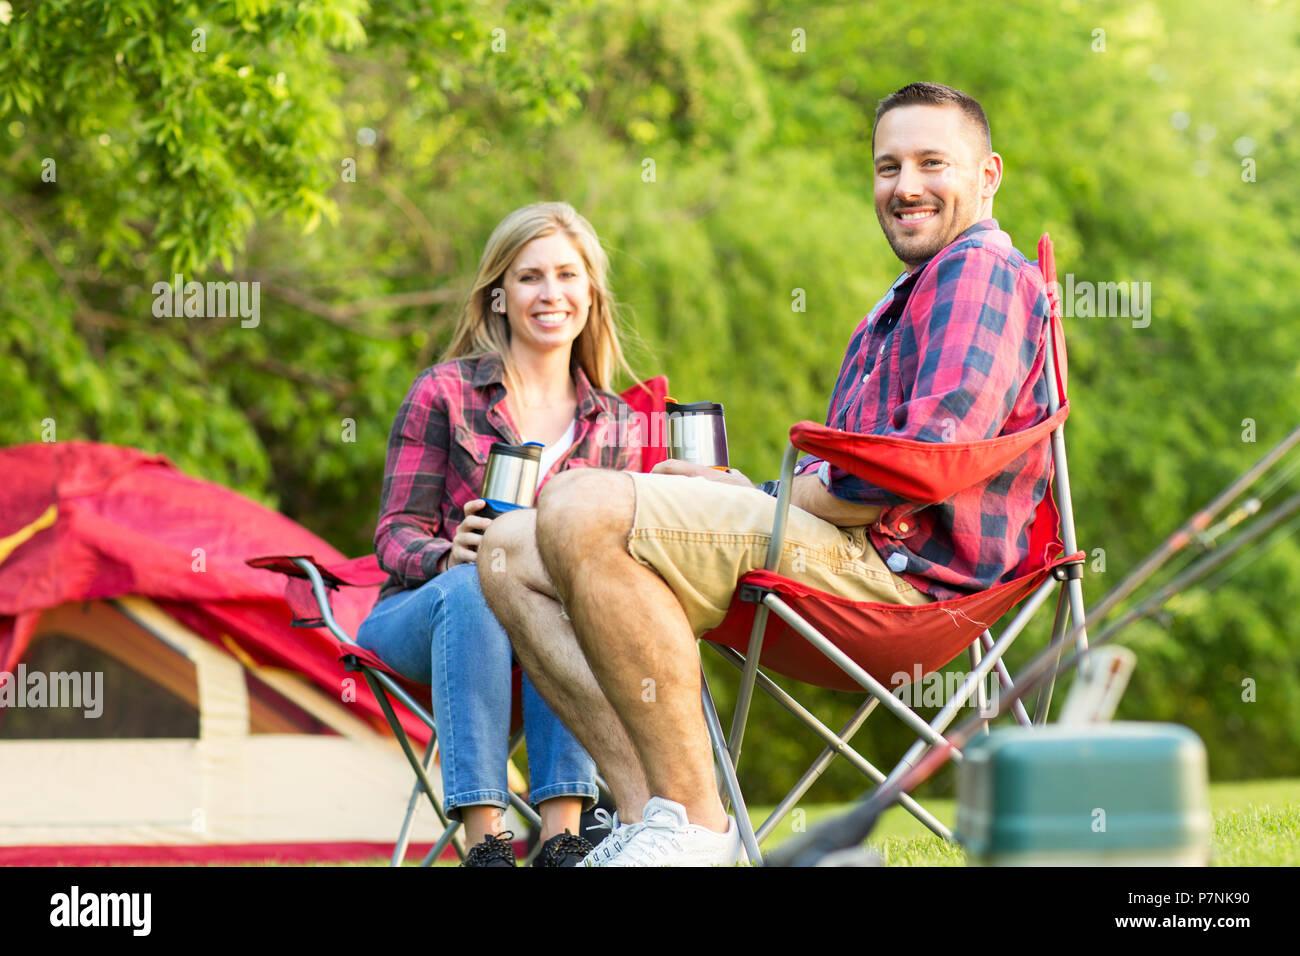 Paar Sprechen und Lachen bei einem Campingausflug. Stockbild